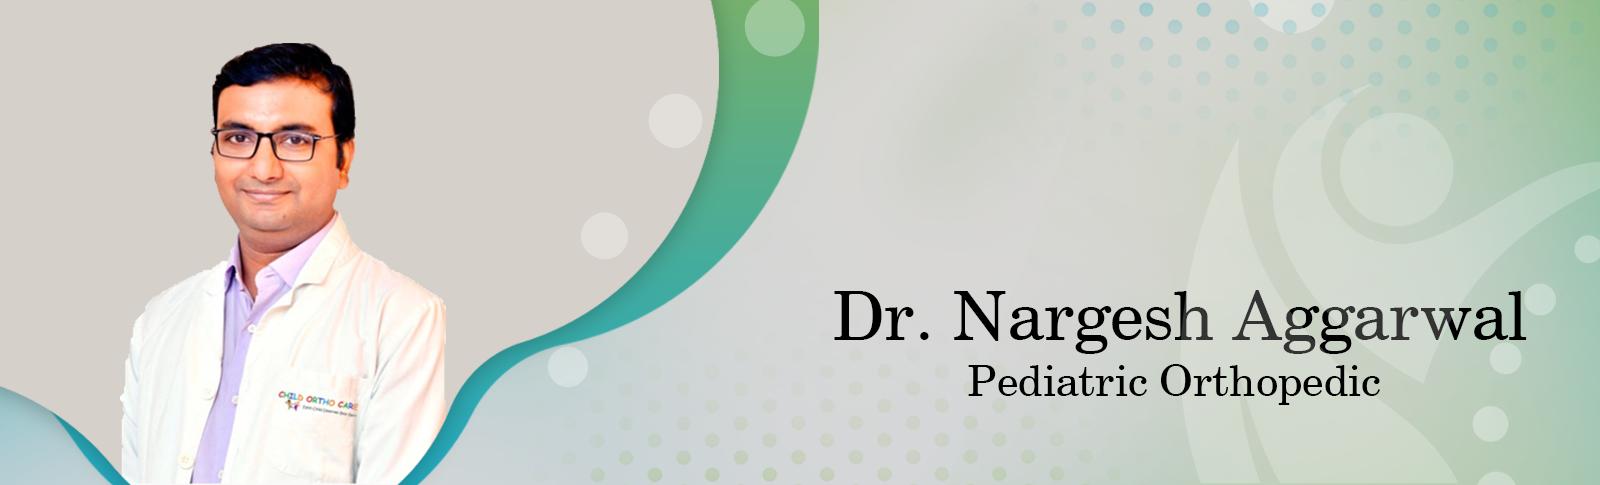 Dr. Nargesh Agarwal